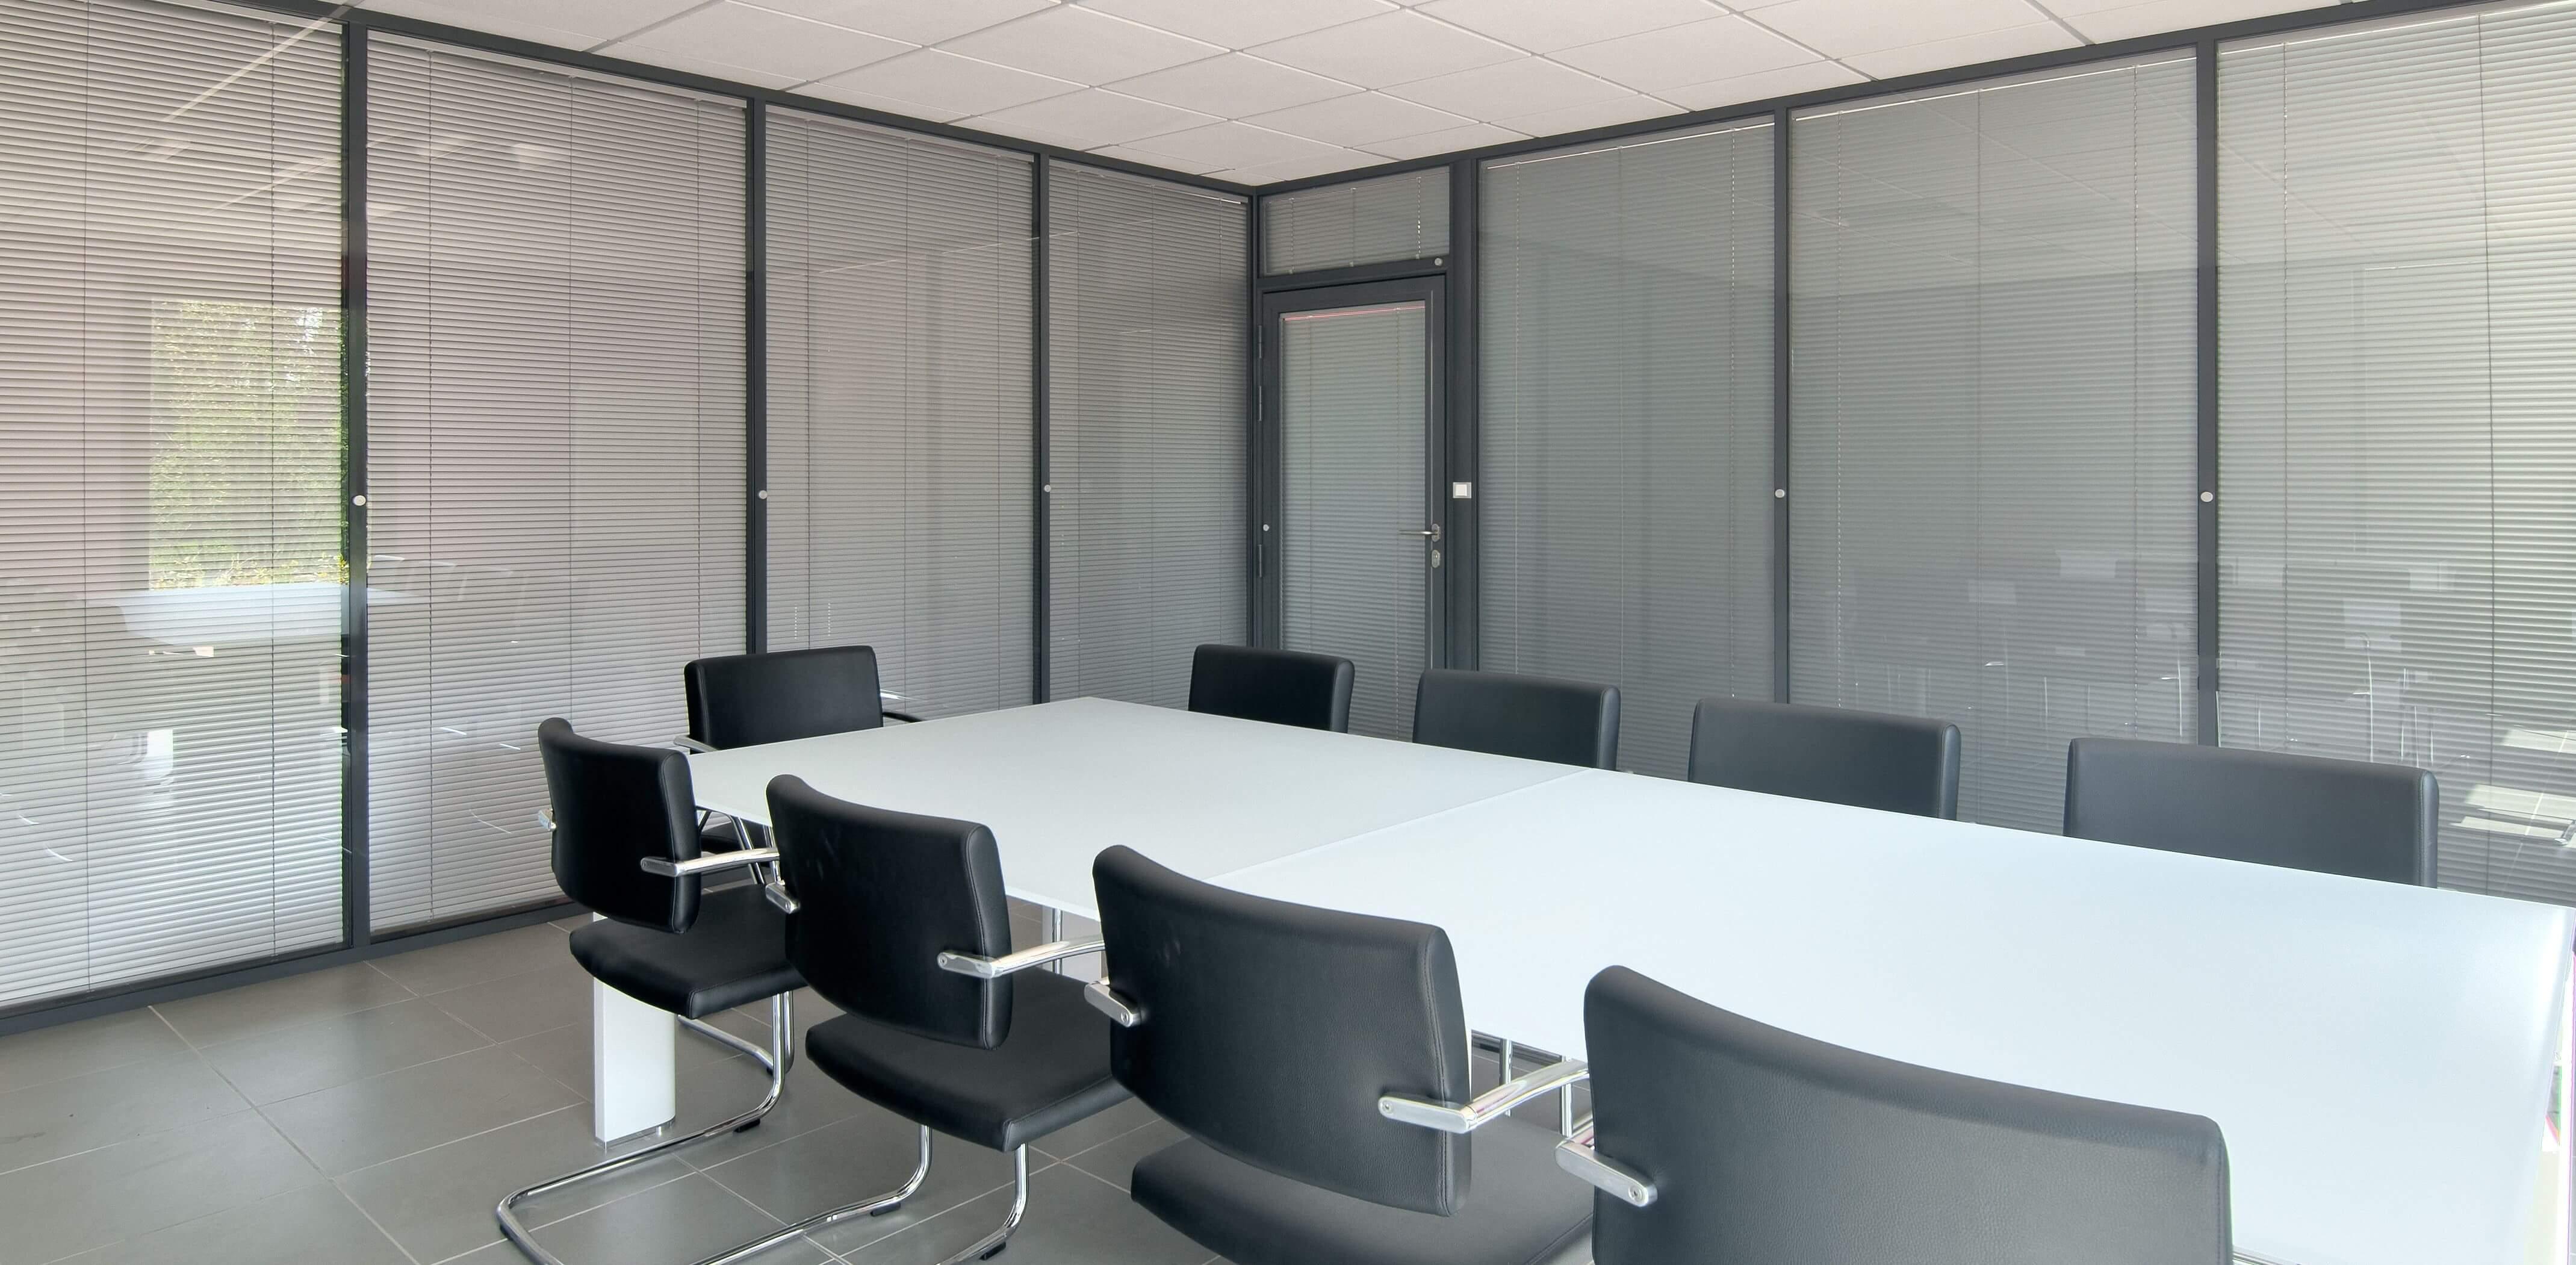 Cloisons amovibles double vitrage avec stores - la confidentialité pour vos réunions